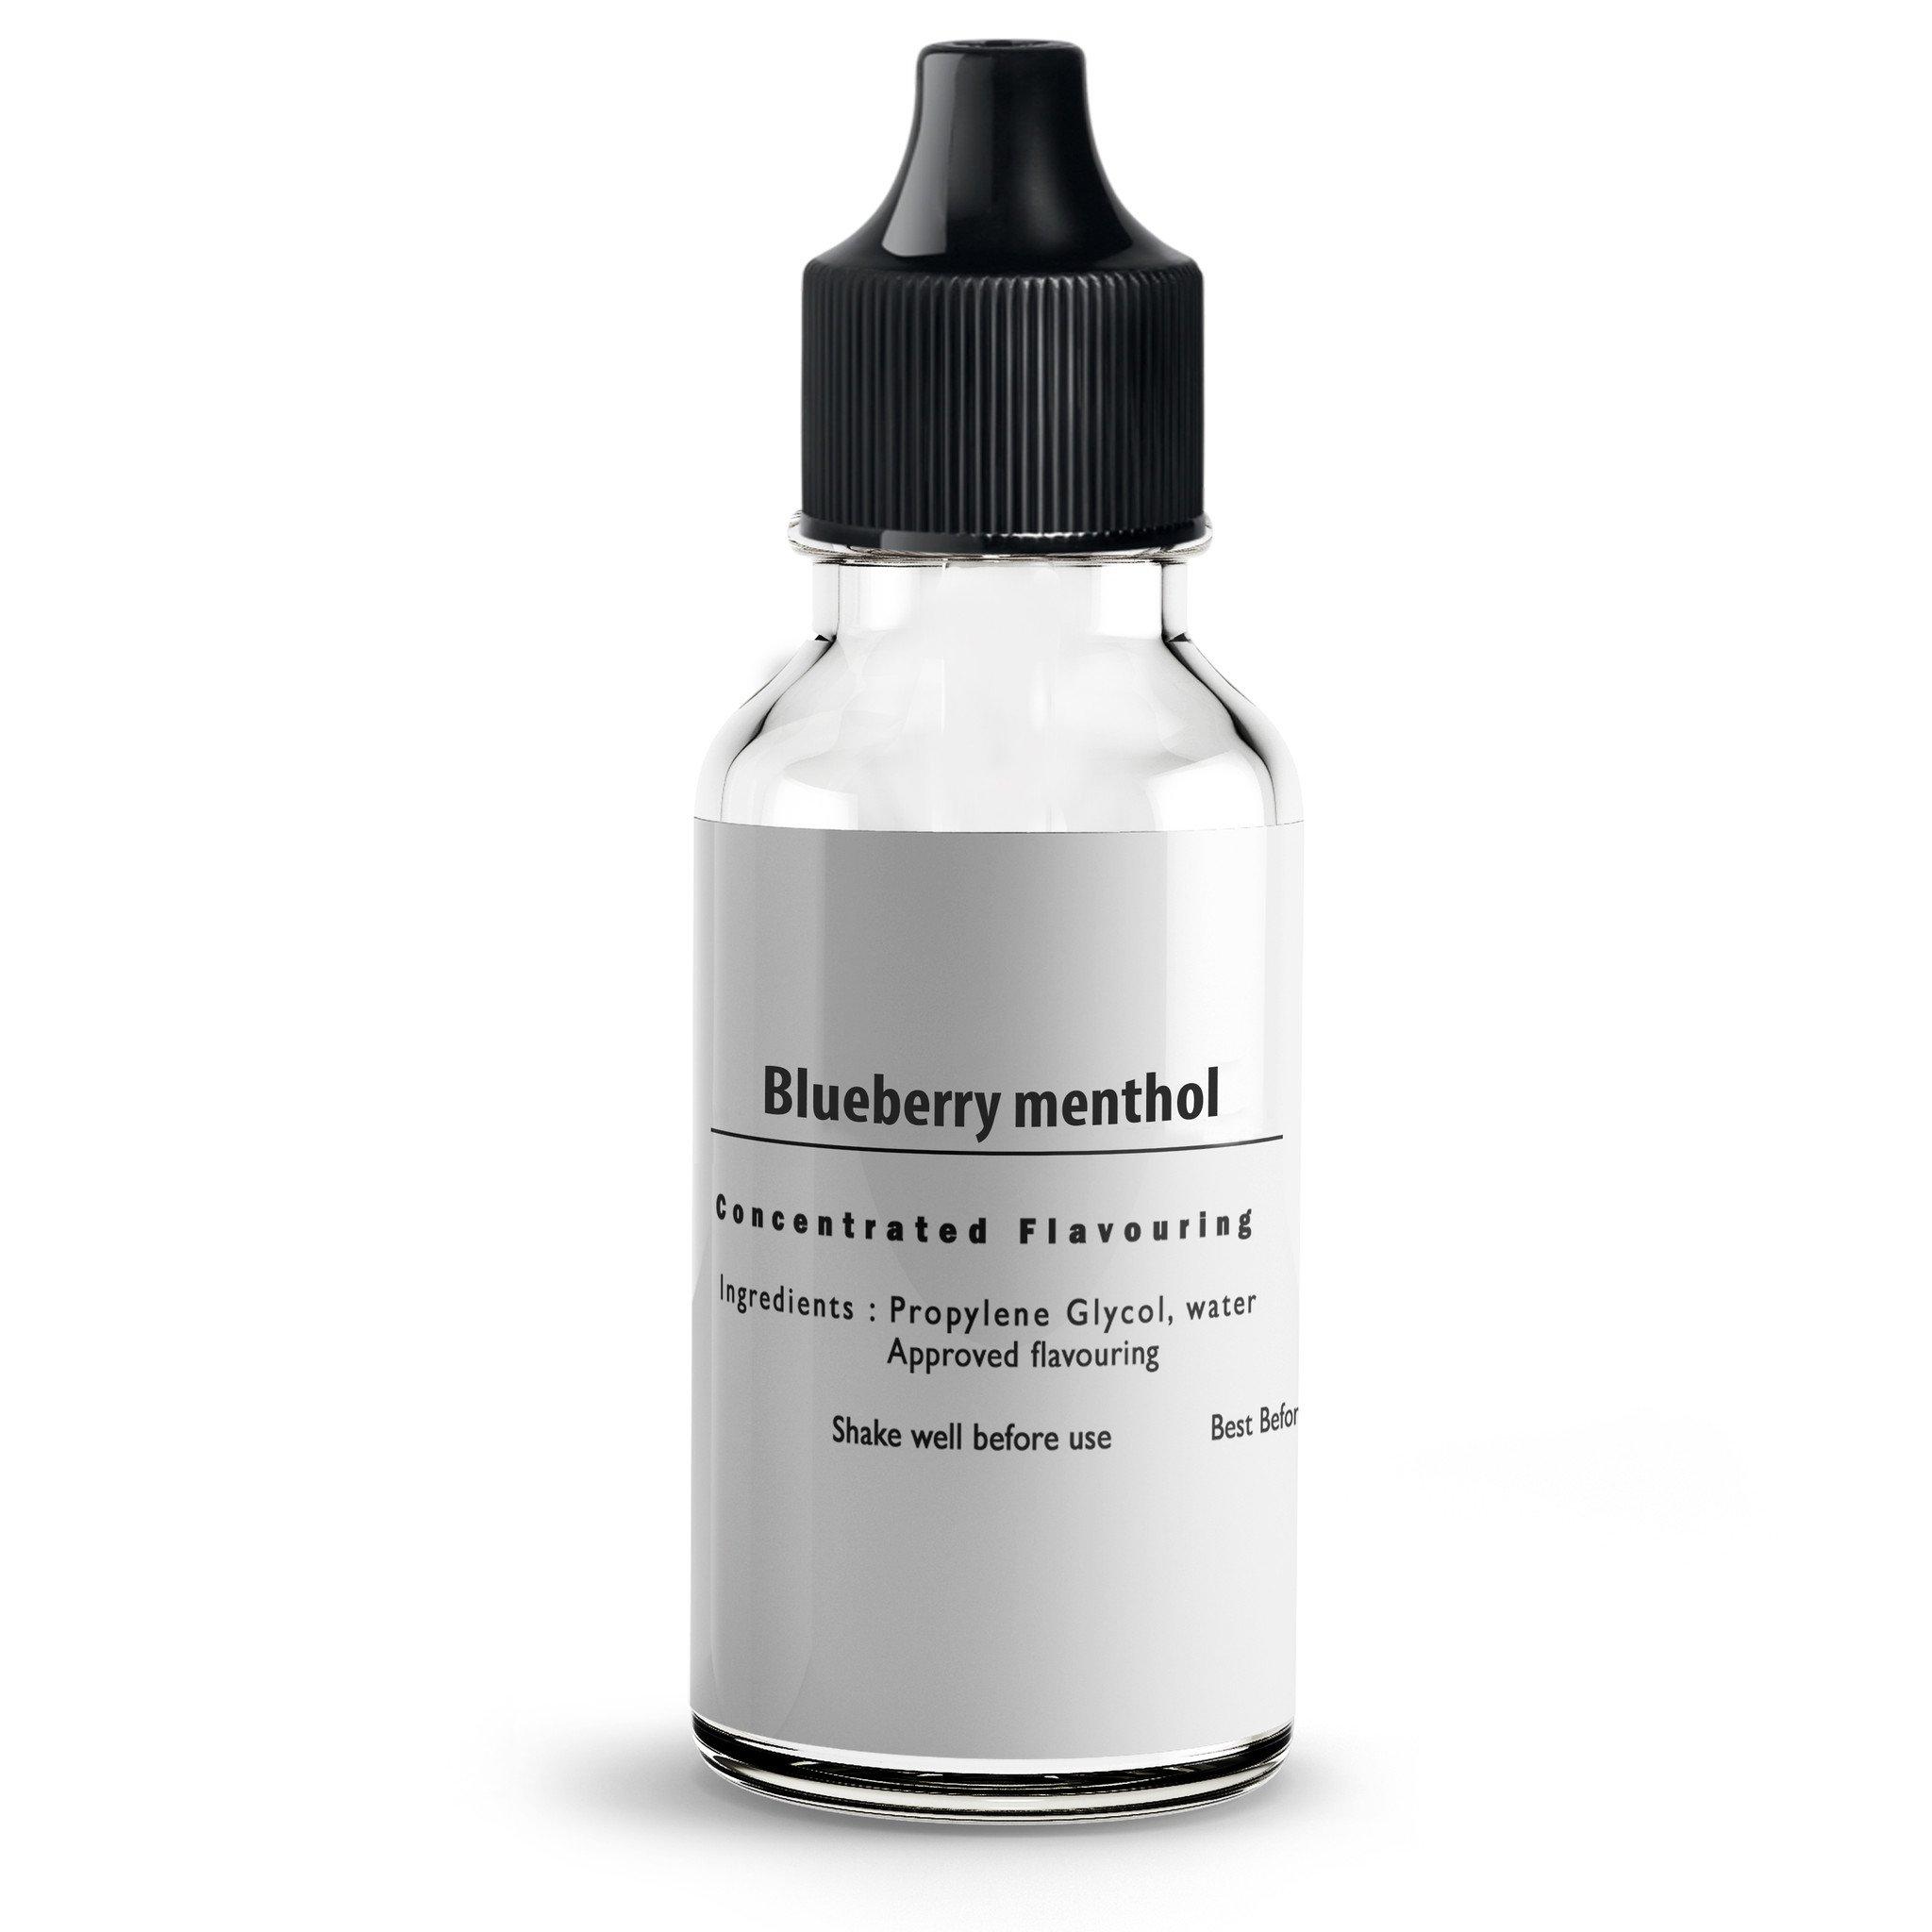 Blueberry Menthol Flavour Concentrate For E Liquids